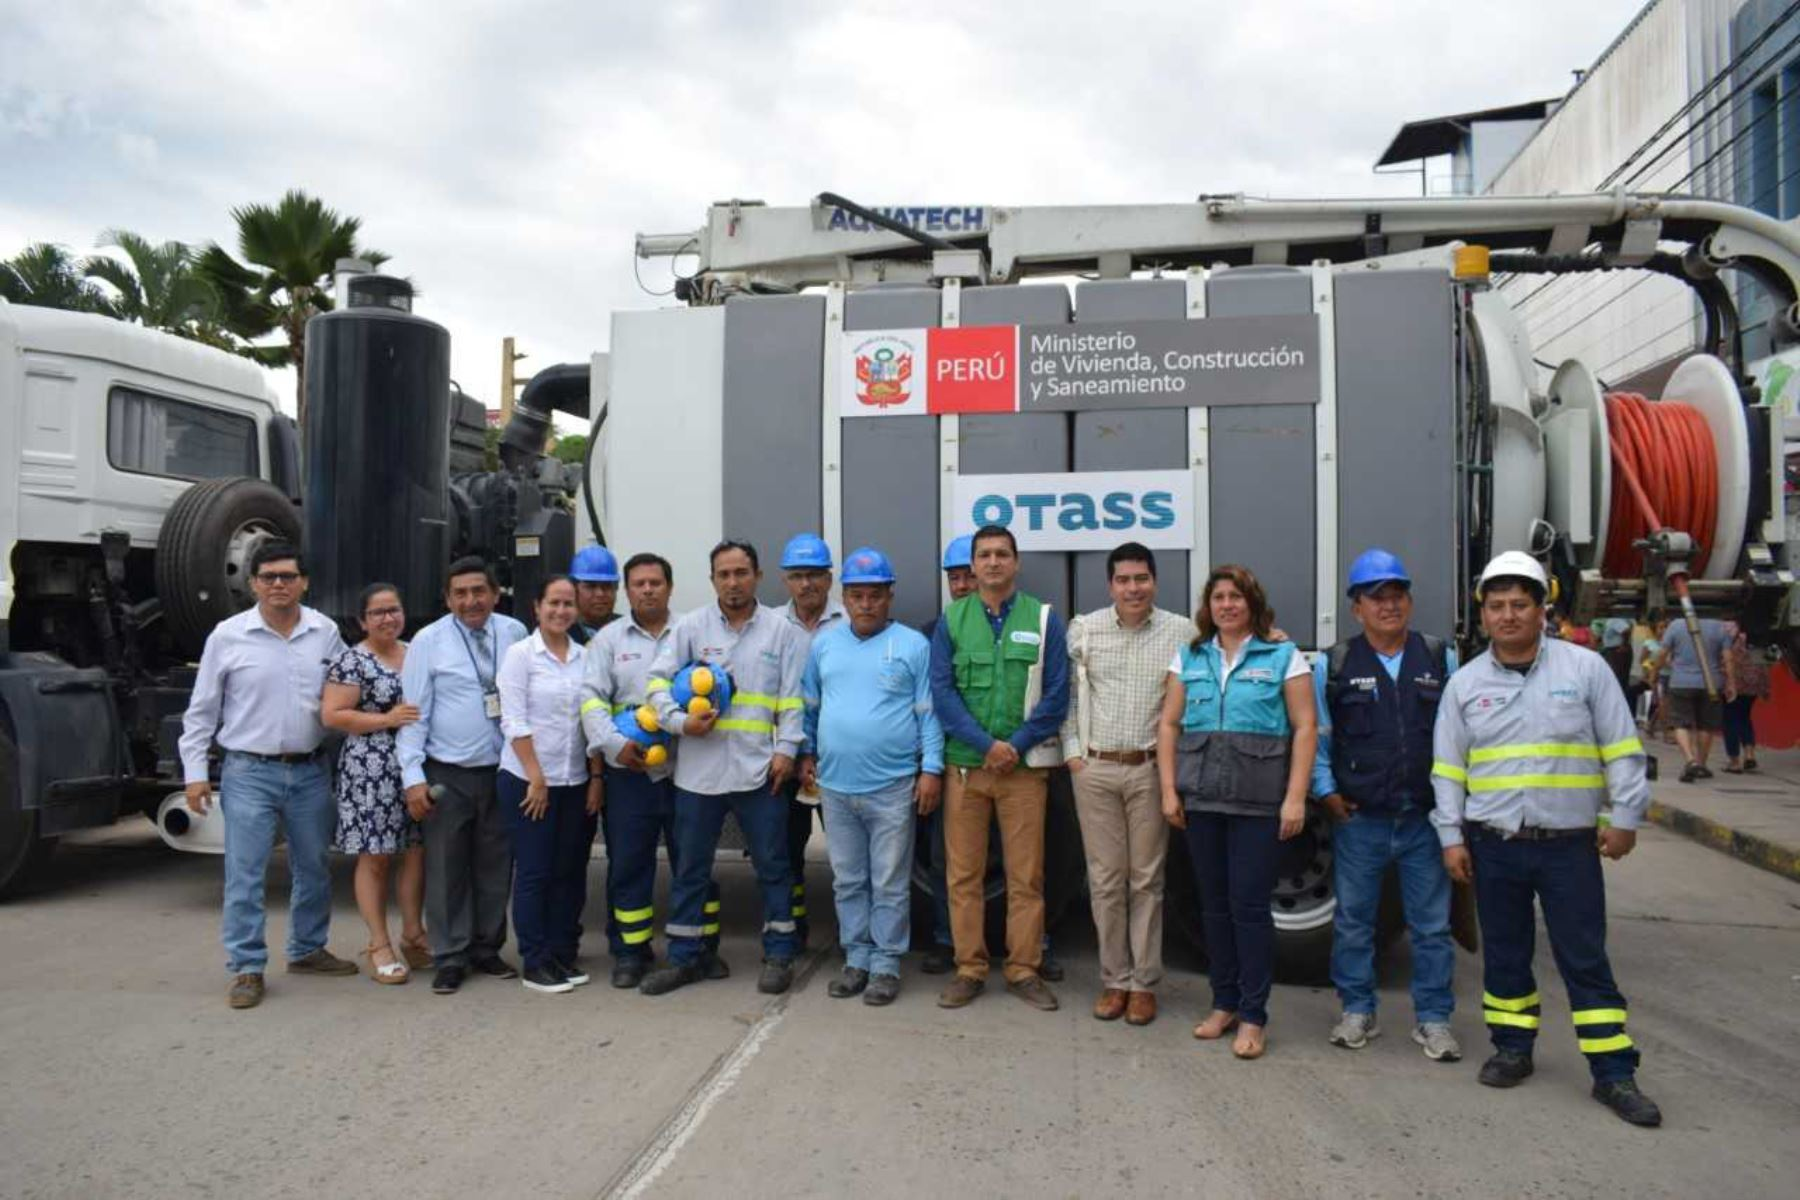 """El Programa Nacional de Limpieza de Colectores """"Operación Alcantarillado"""", que impulsa el Ministerio de Vivienda, Construcción y Saneamiento (MVCS) y el Organismo Técnico de la Administración de los Servicios de Saneamiento (OTASS) limpiará 40 kilómetros de redes de desagüe en el ámbito de la Empresa Municipal de Agua Potable y Alcantarillado (Emapa) San Martín."""